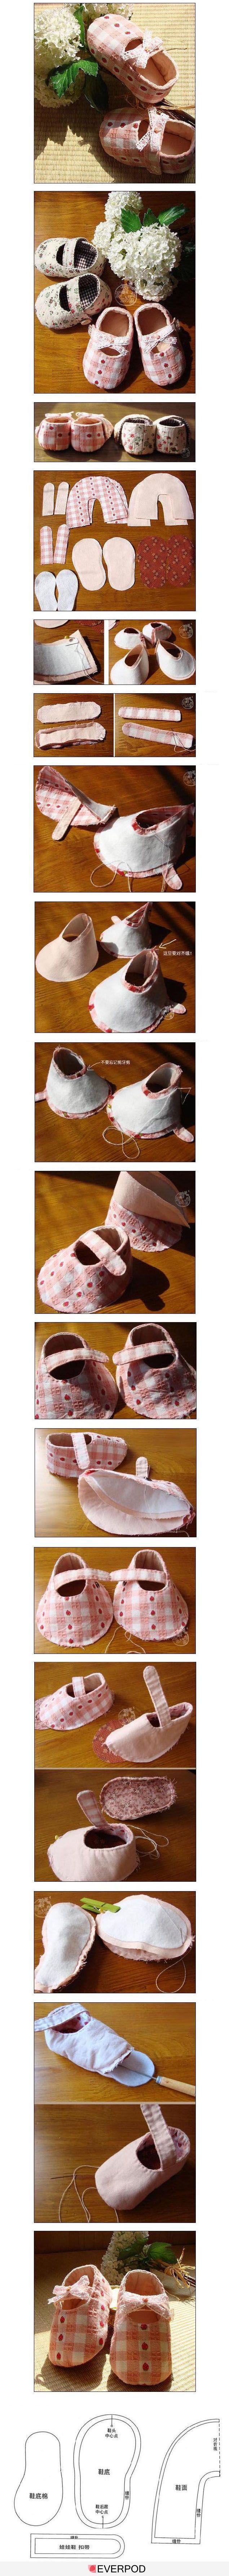 sapatinhos com moldes - 96195.com